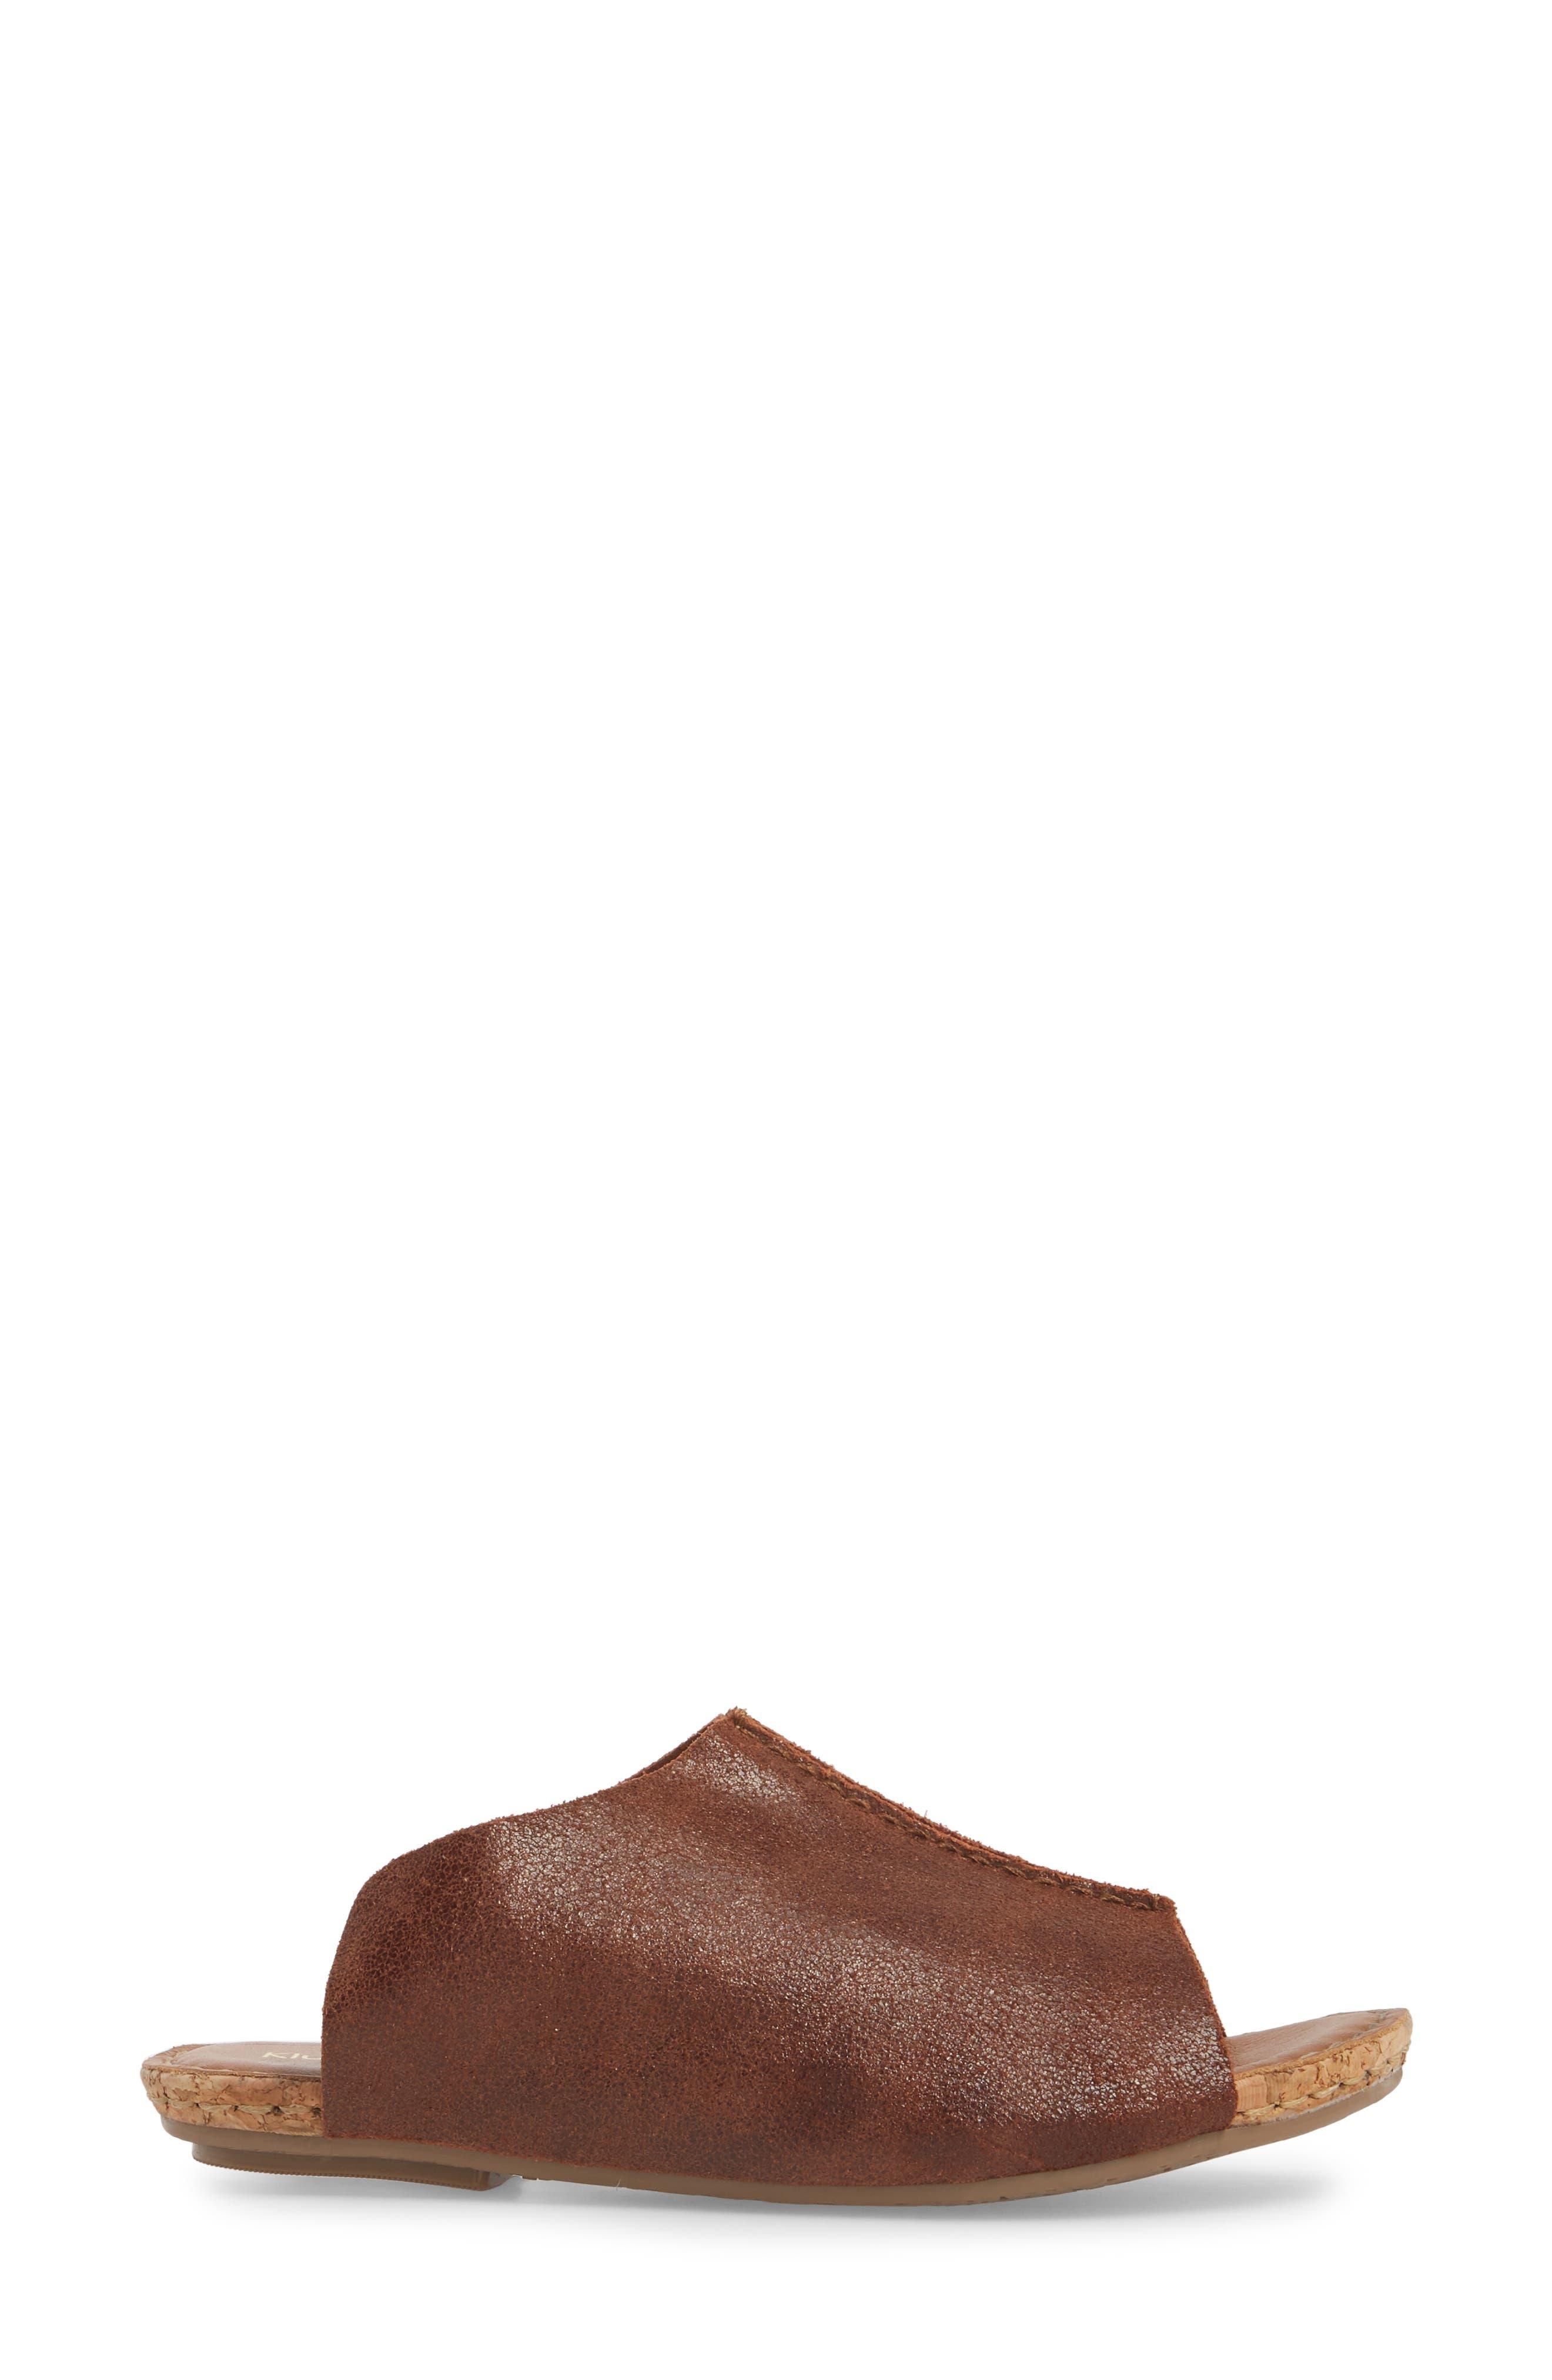 Gracey Slide Sandal,                             Alternate thumbnail 3, color,                             Rum Leather